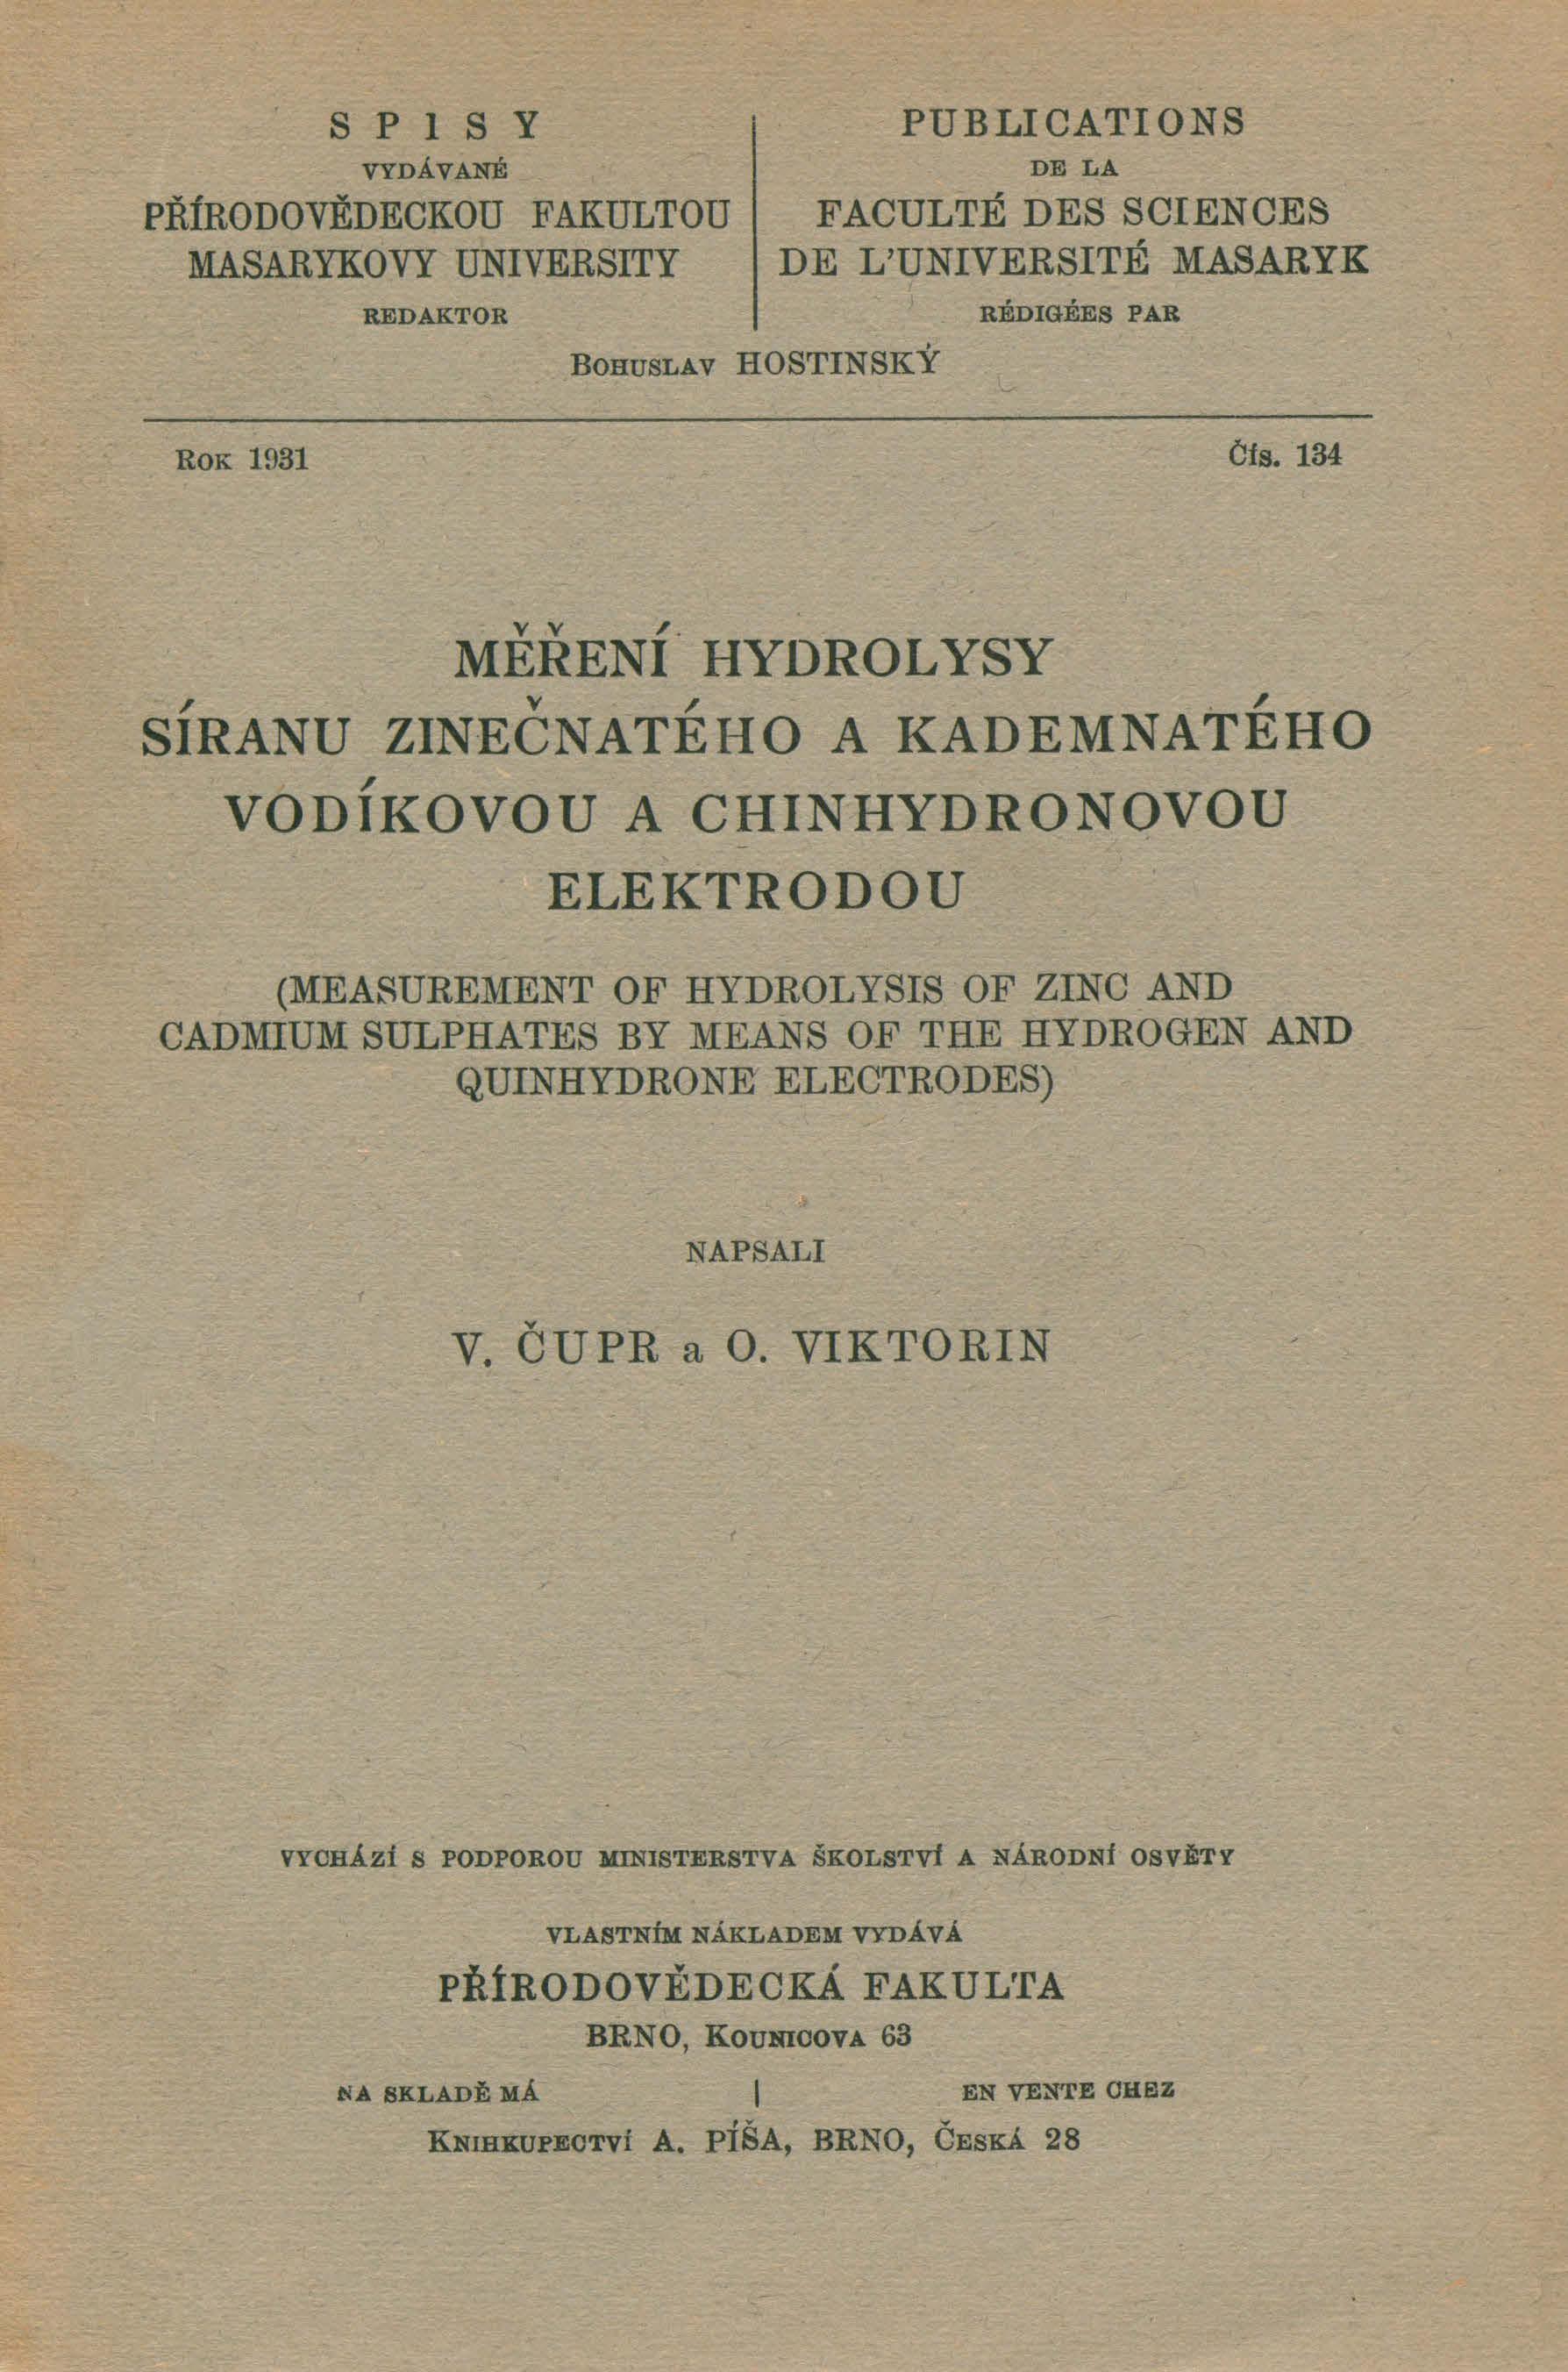 Obálka pro Měření hydrolysy síranu zinečnatého a kademnatého vodíkovou a chinhydronovou elektrodou